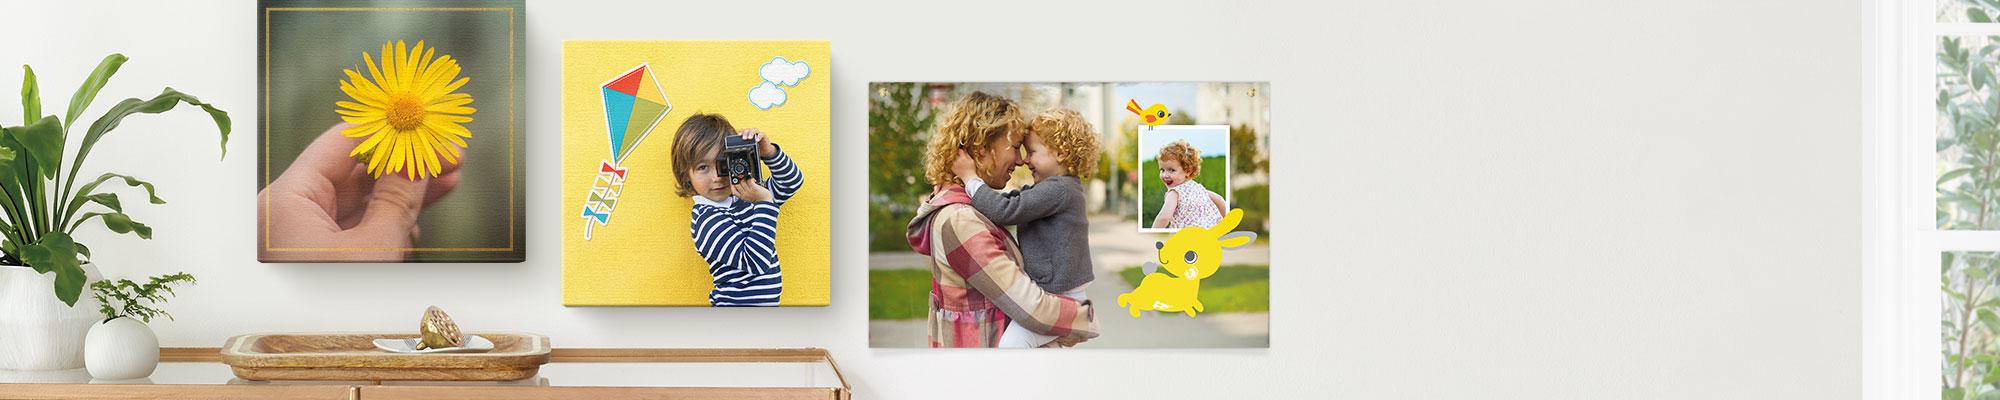 FotoArredo Casa tua è il luogo in cui rilassarti ed esprimere la tua personalità. Circondati dei tuoi ricordi preferiti!